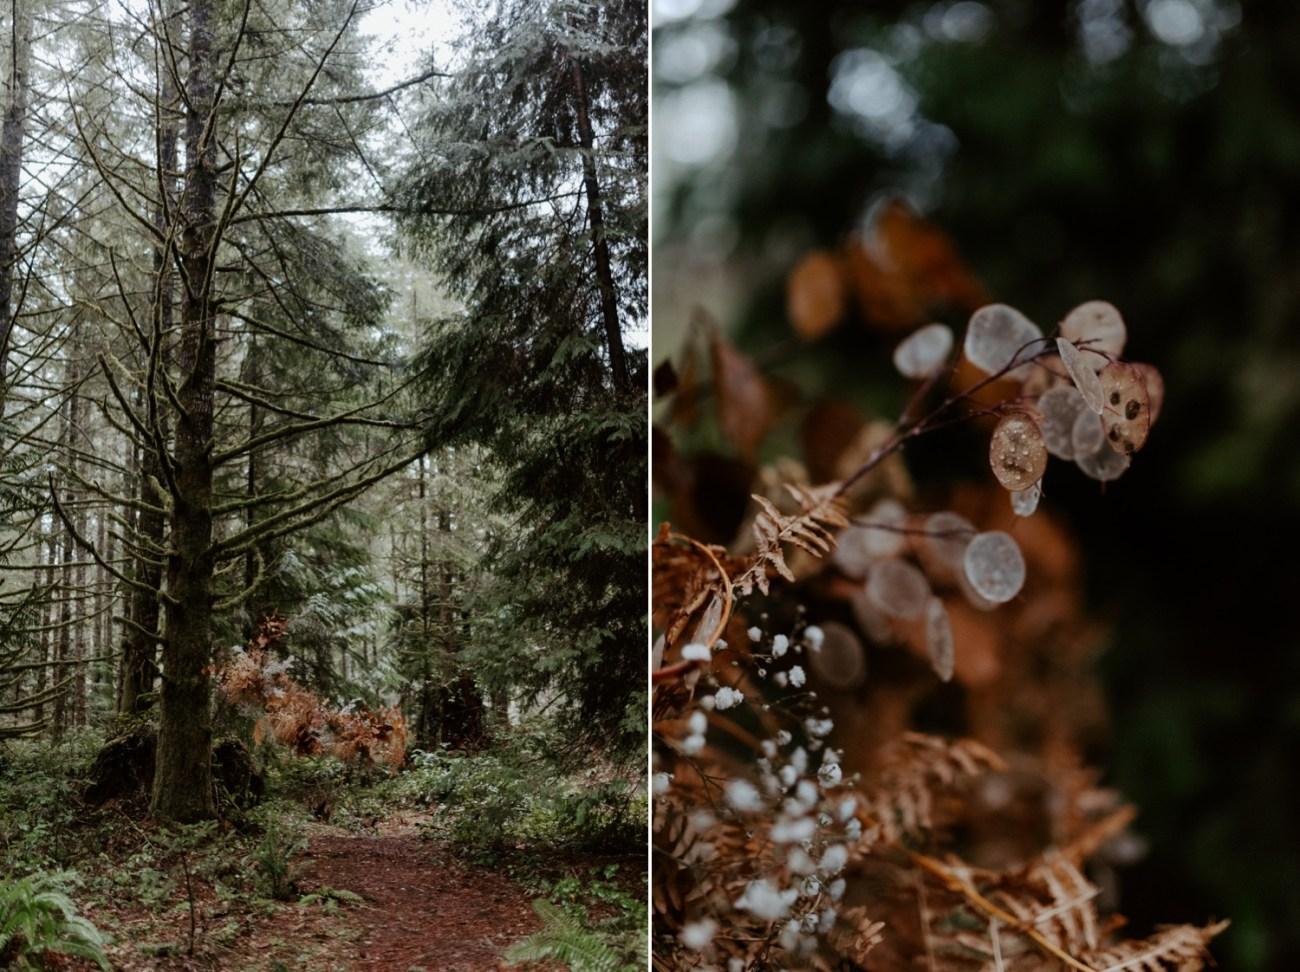 The Woodlands House Sandy Oregon Elopement Portland Elopement Photographer PNW Adventurous Elopement Anais Possamai Photography 012